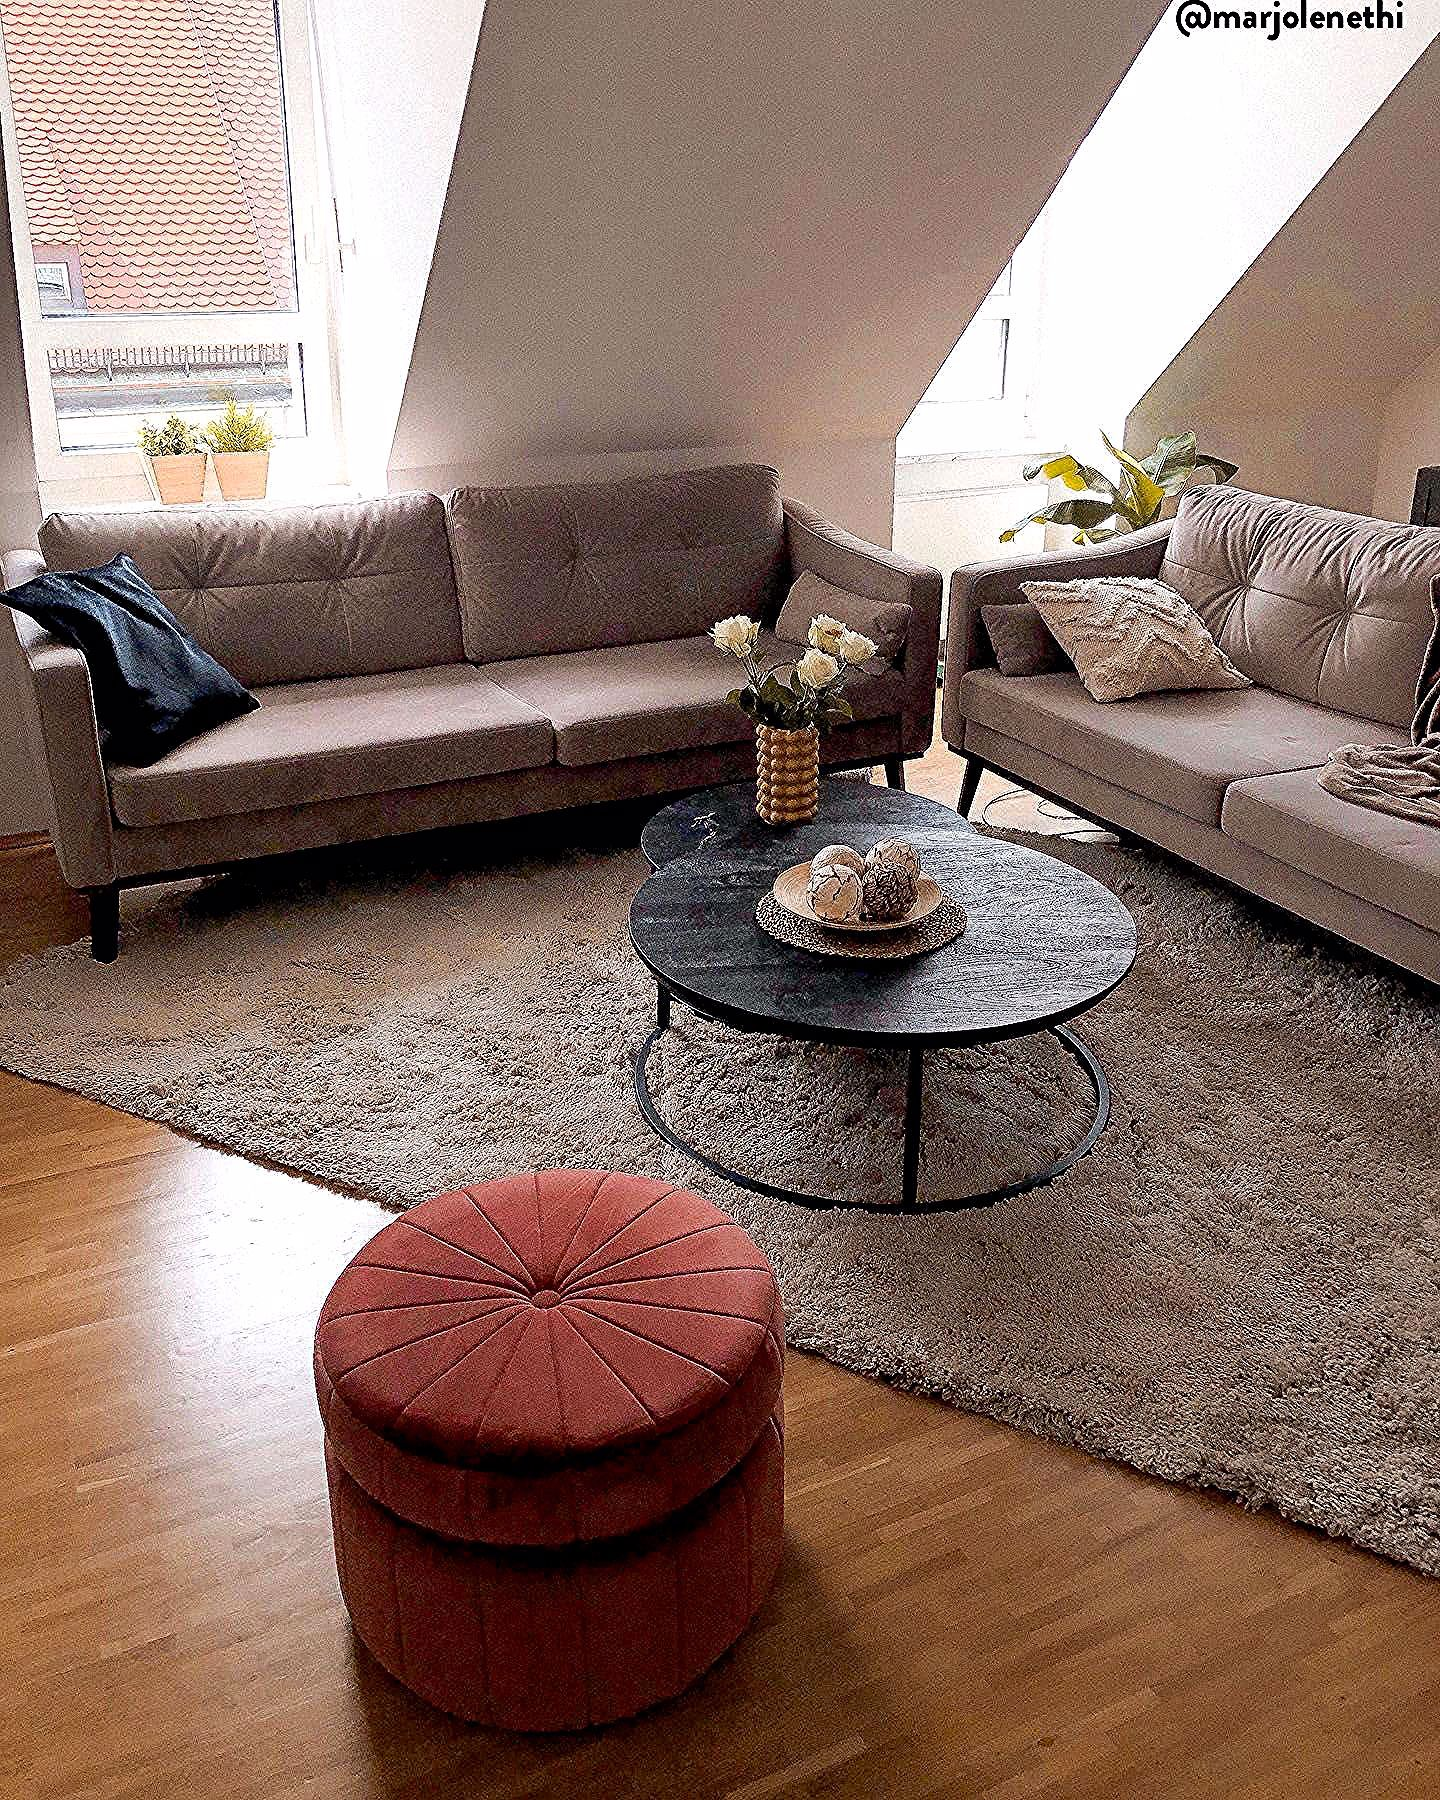 Meubles De Salon In 2020 Home Coffee Table Home Decor